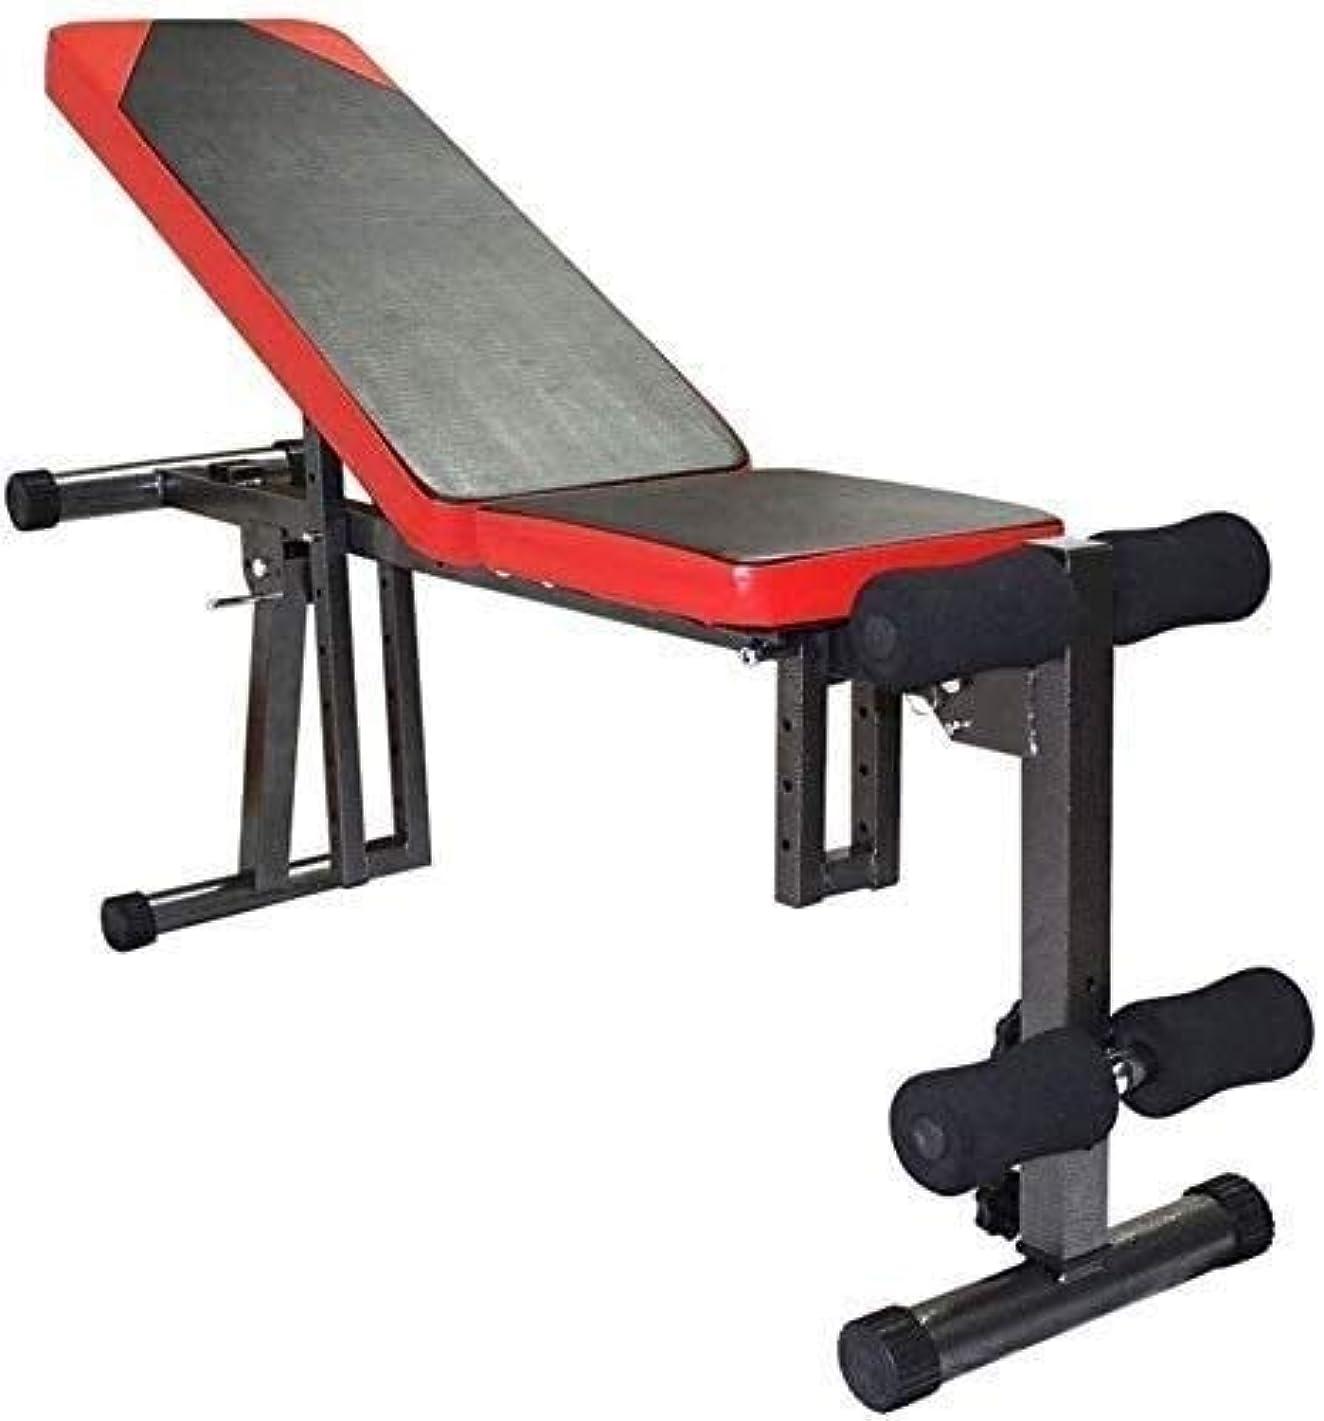 木追跡仕事OESFL アジャスタブルウェイトベンチトレーニングフィットネスジム腹筋腹部多機能調節可能な腹筋ボードホームフィットネス機器